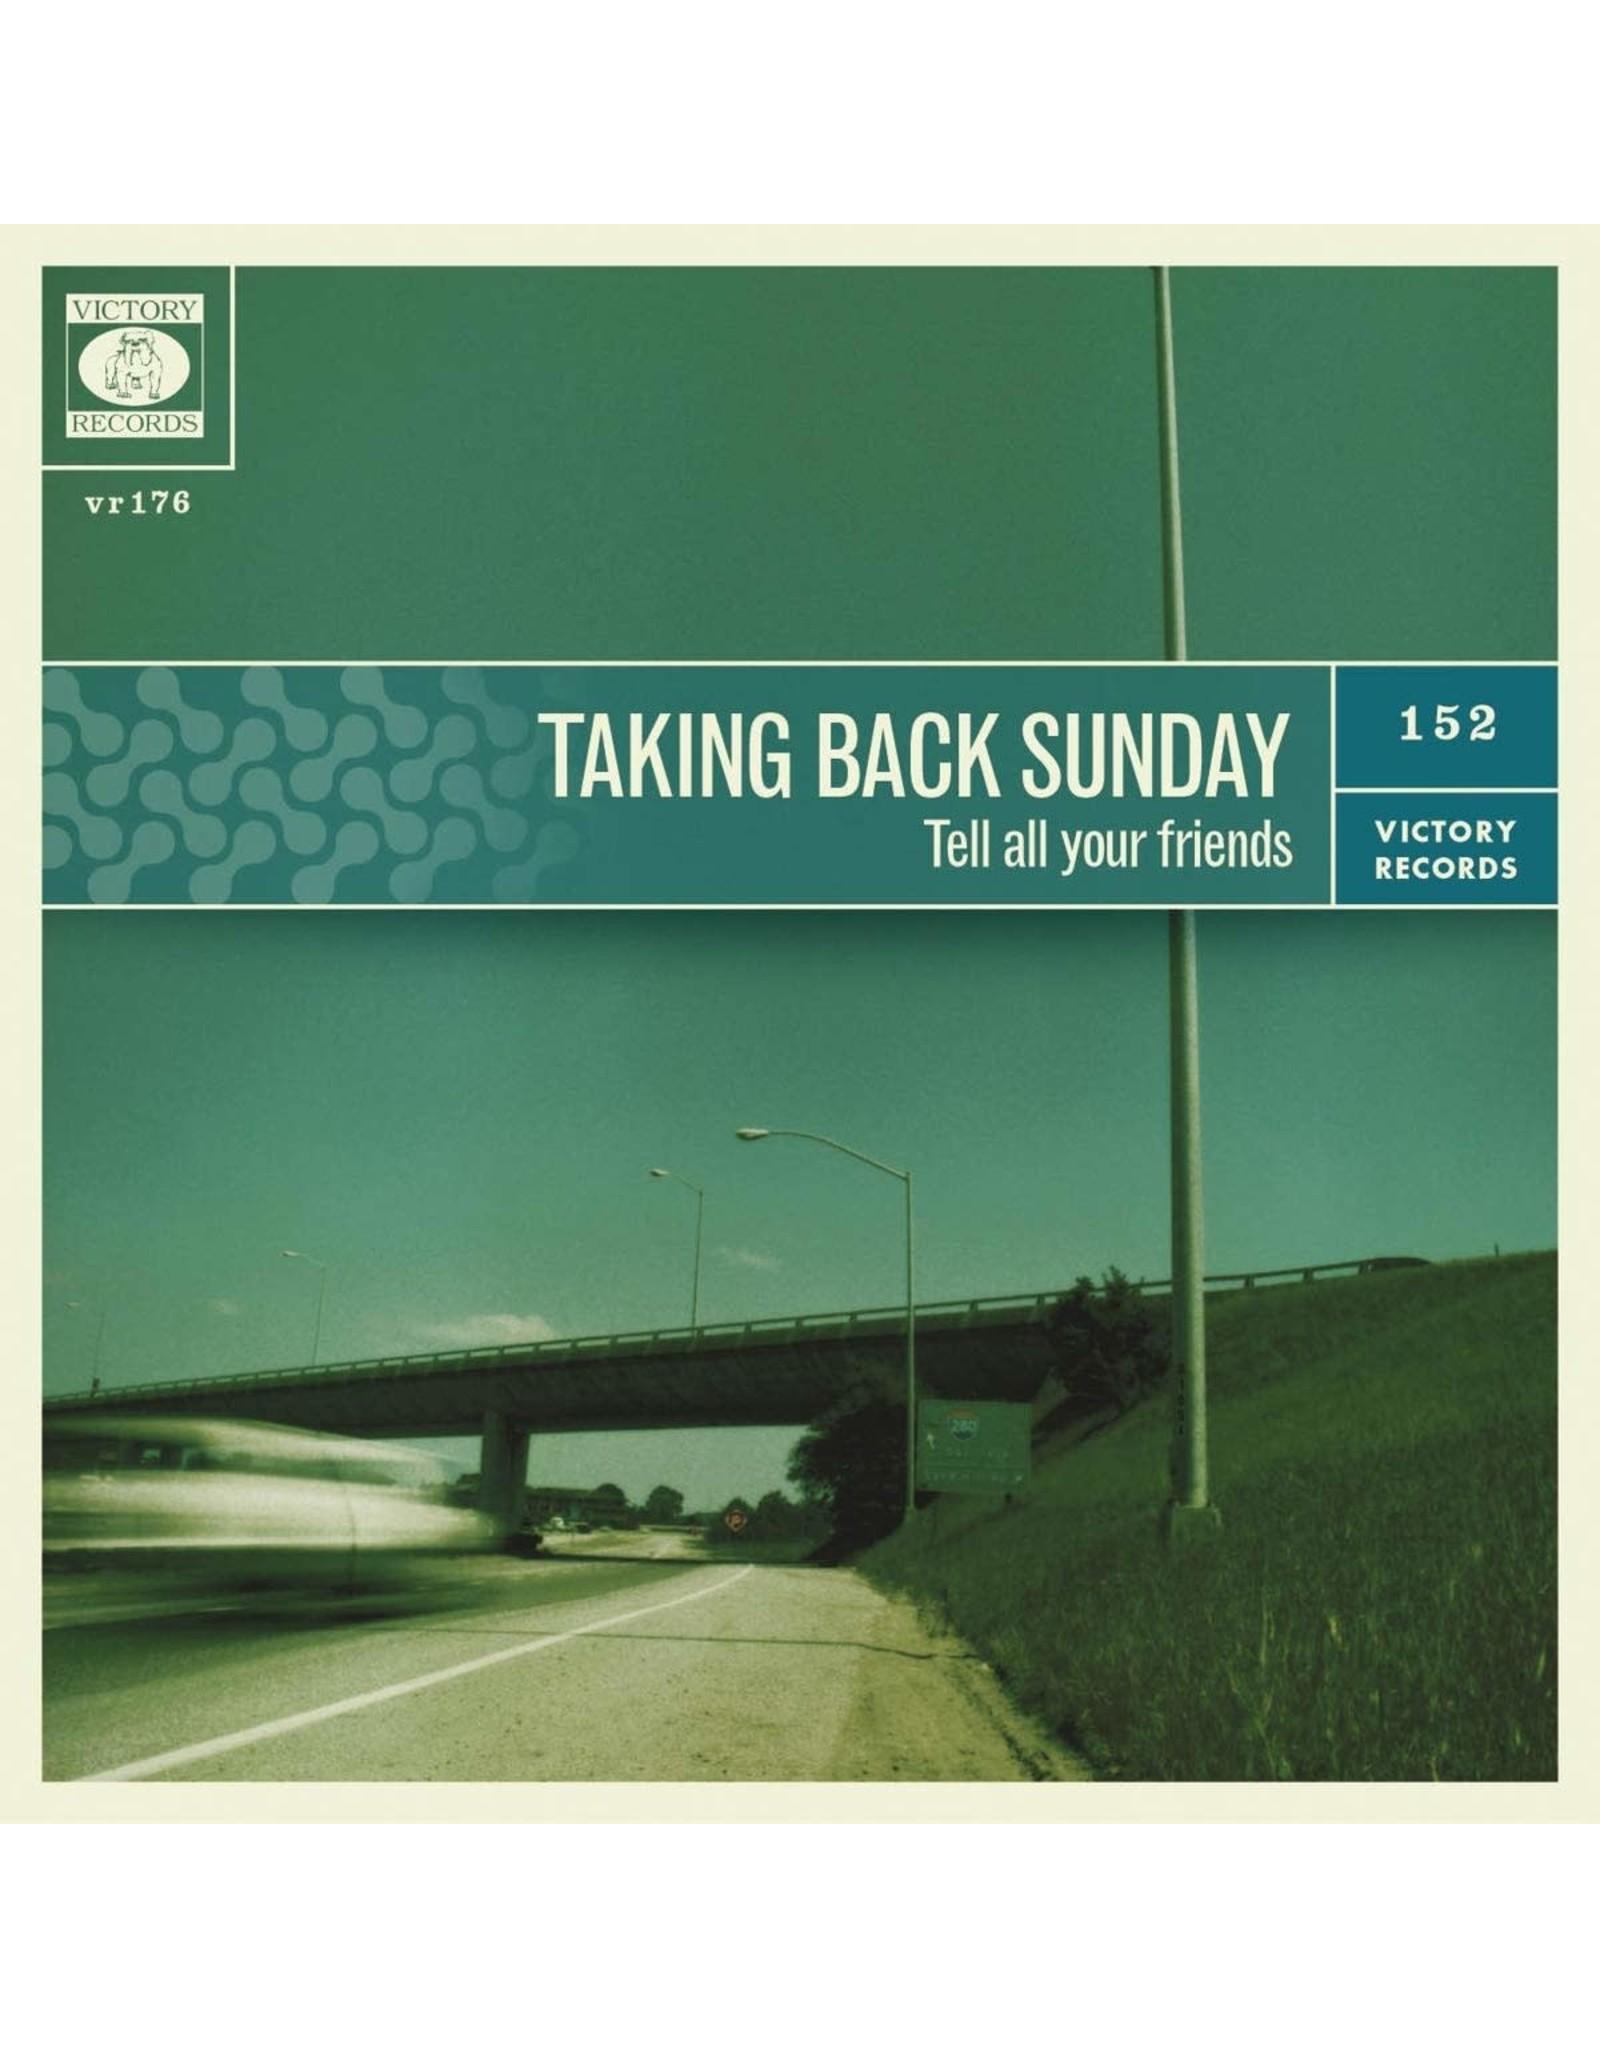 New Vinyl Taking Back Sunday - S/T LP